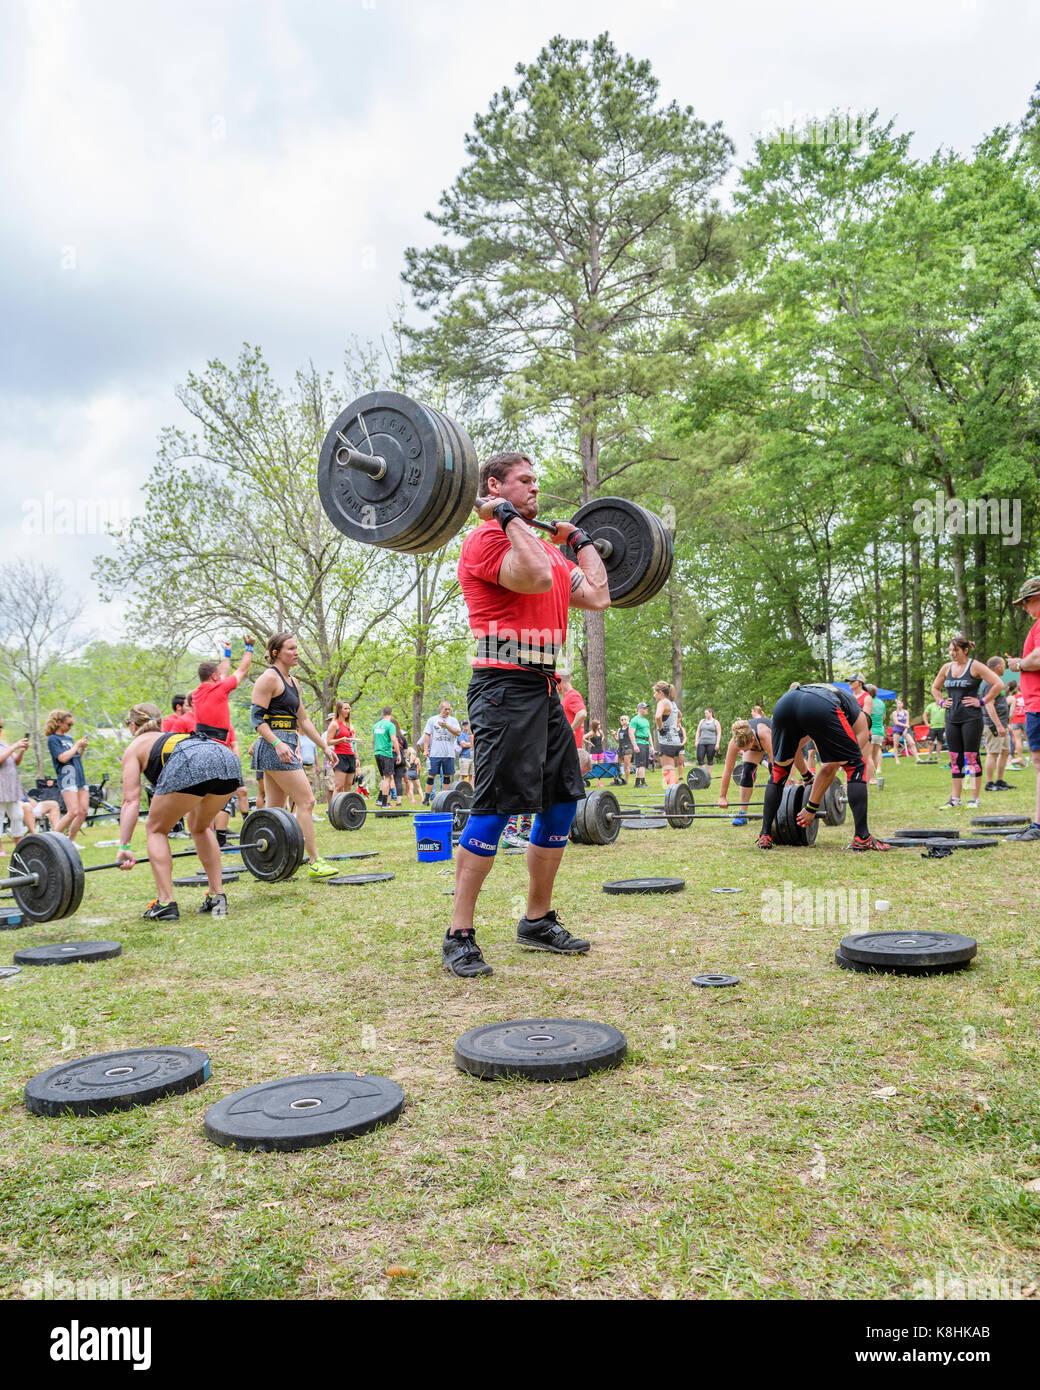 L'homme la levée de poids au cours de la lutte contre la concurrence sur la coosa qui est affilié Photo Stock